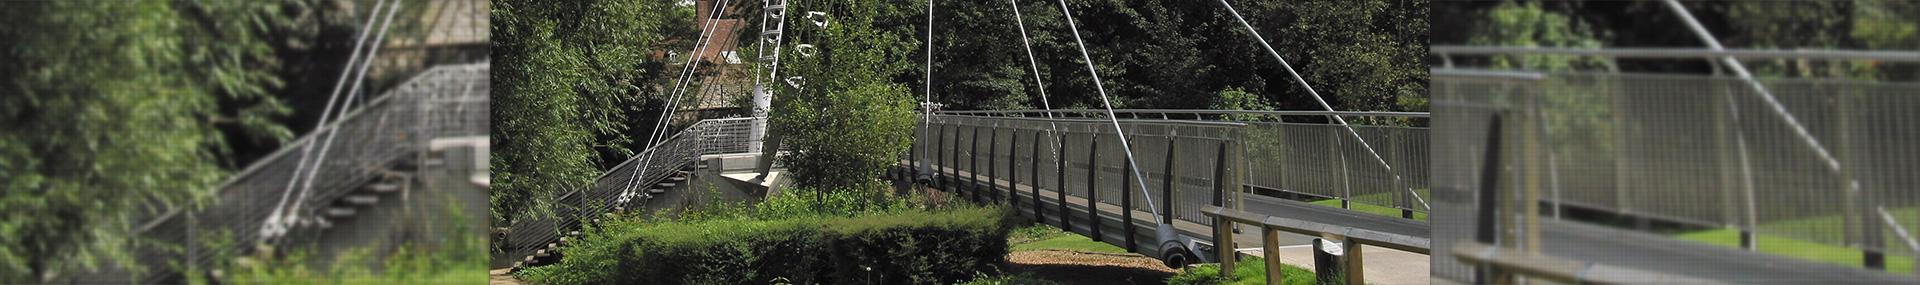 Millenium_Bridge_Banner